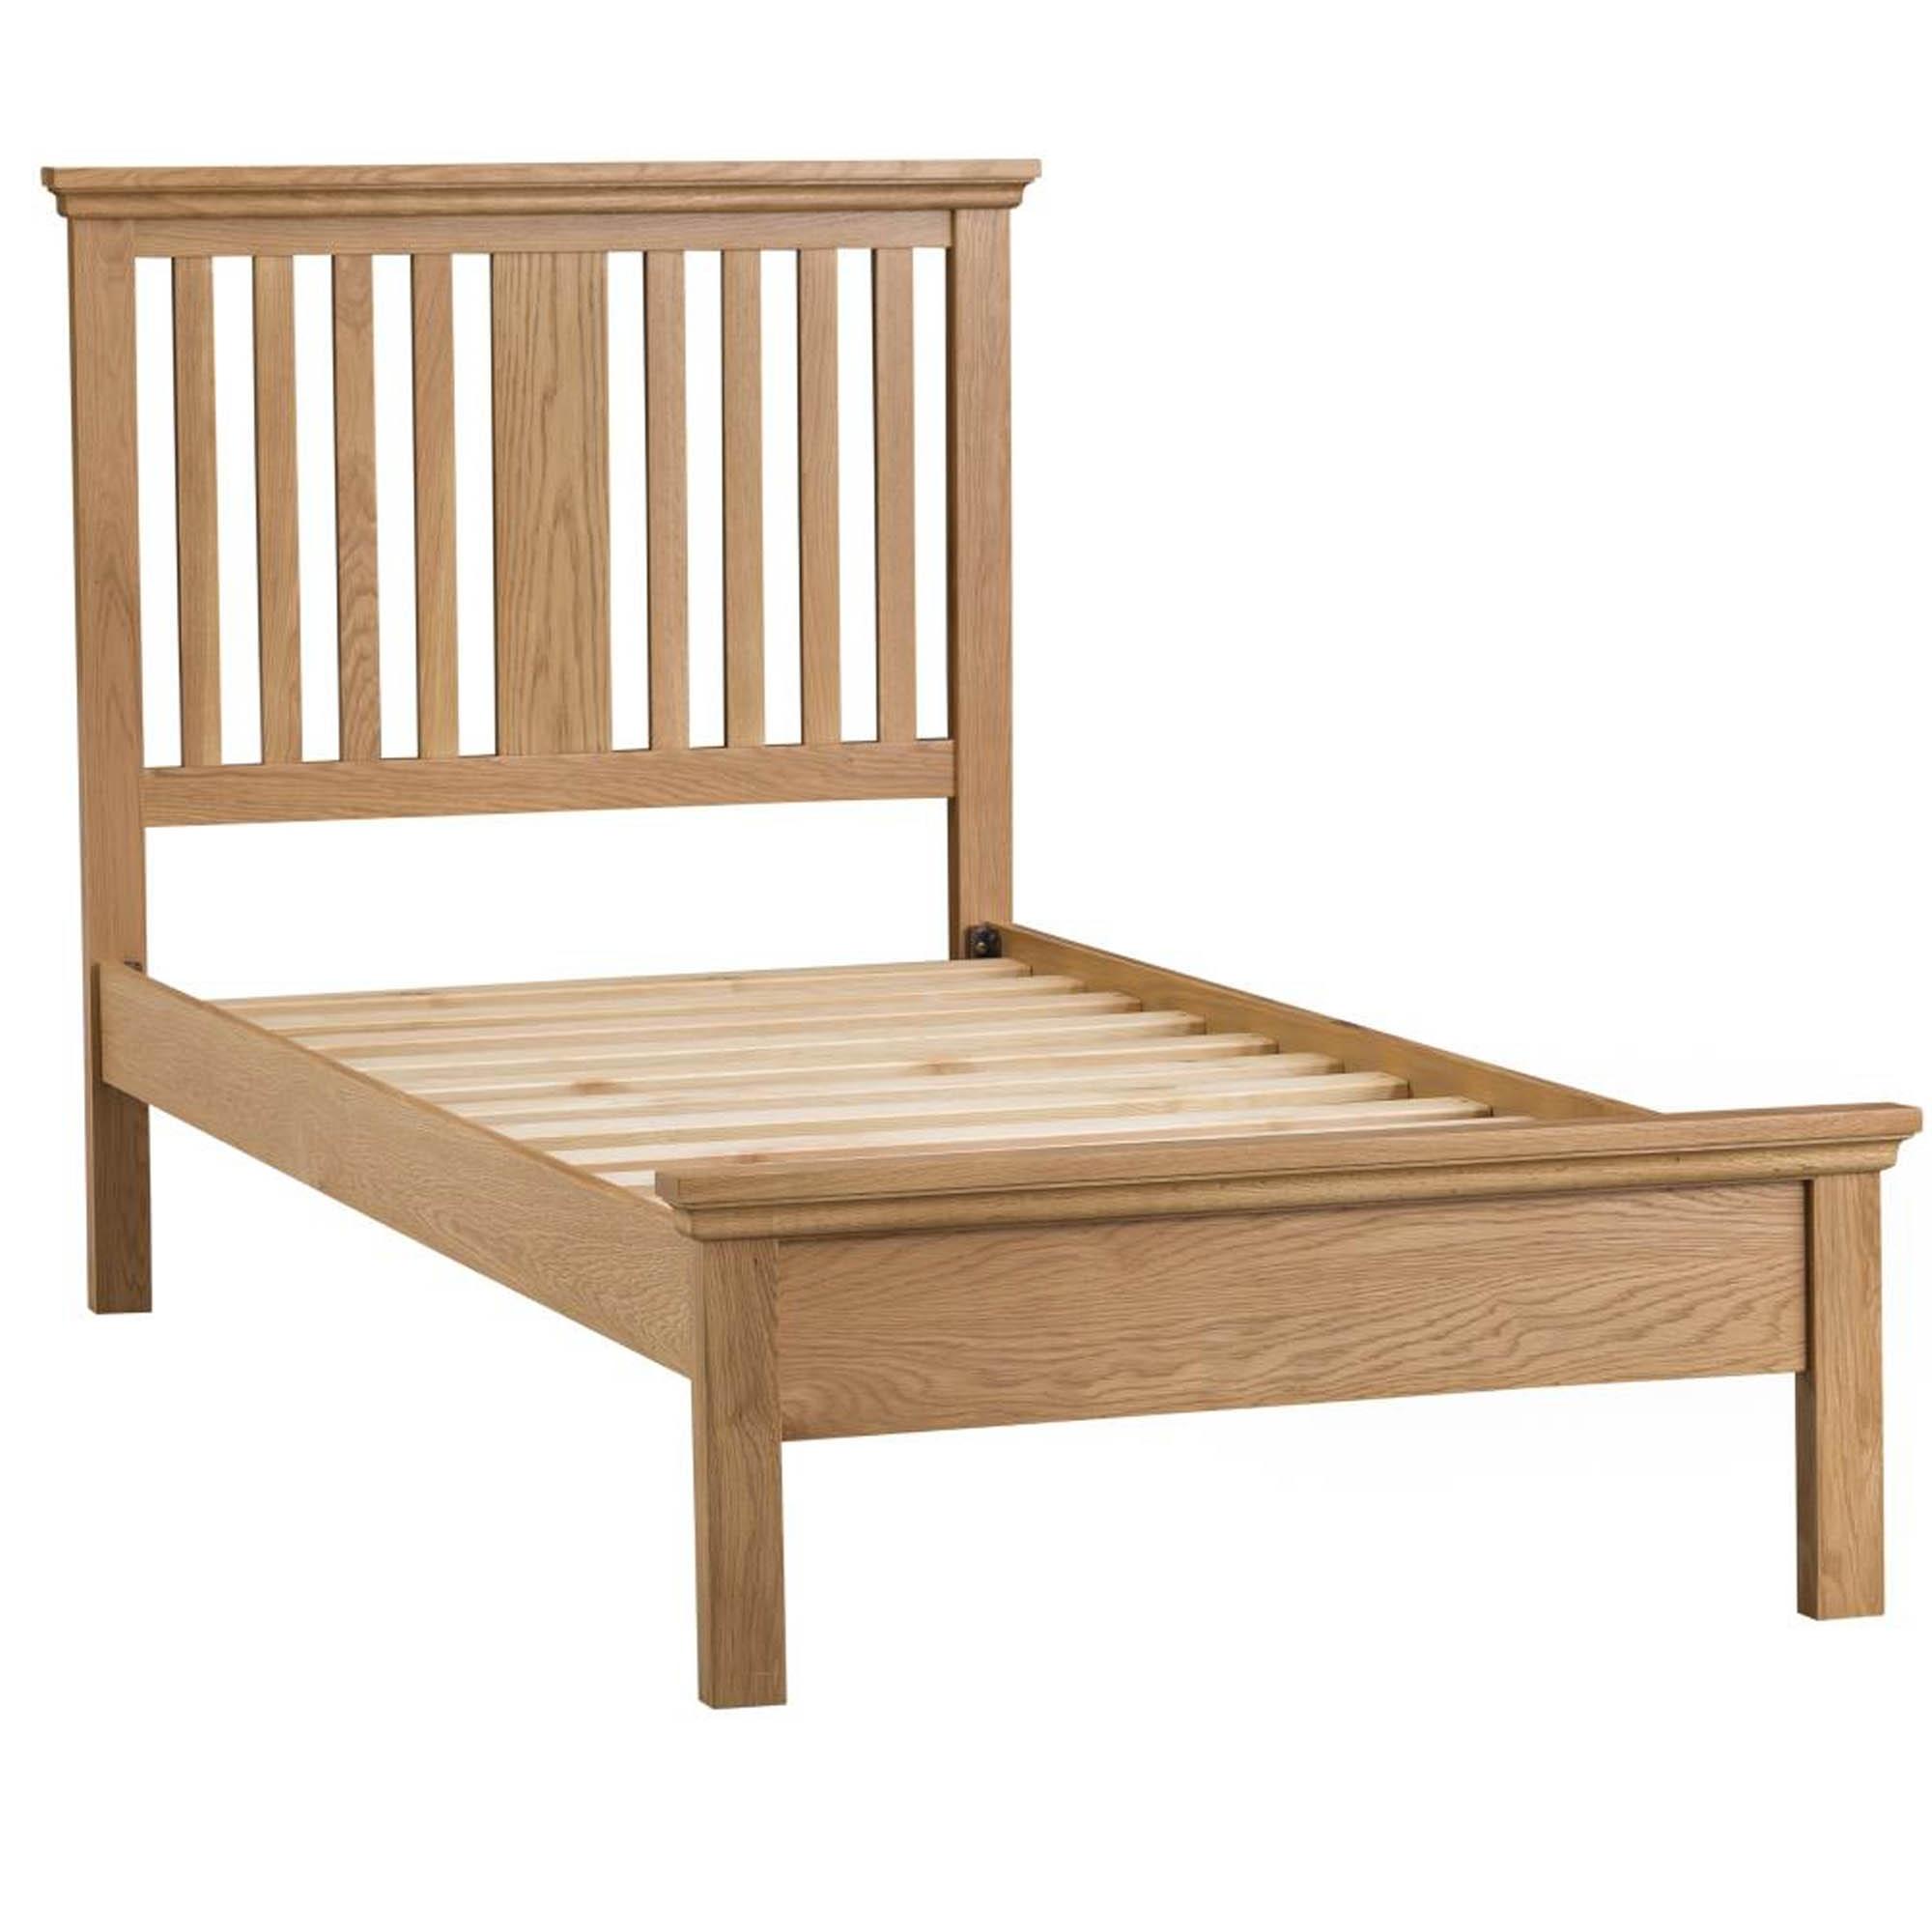 Madison Bed Oak Bedroom Furniture Homesdirect365